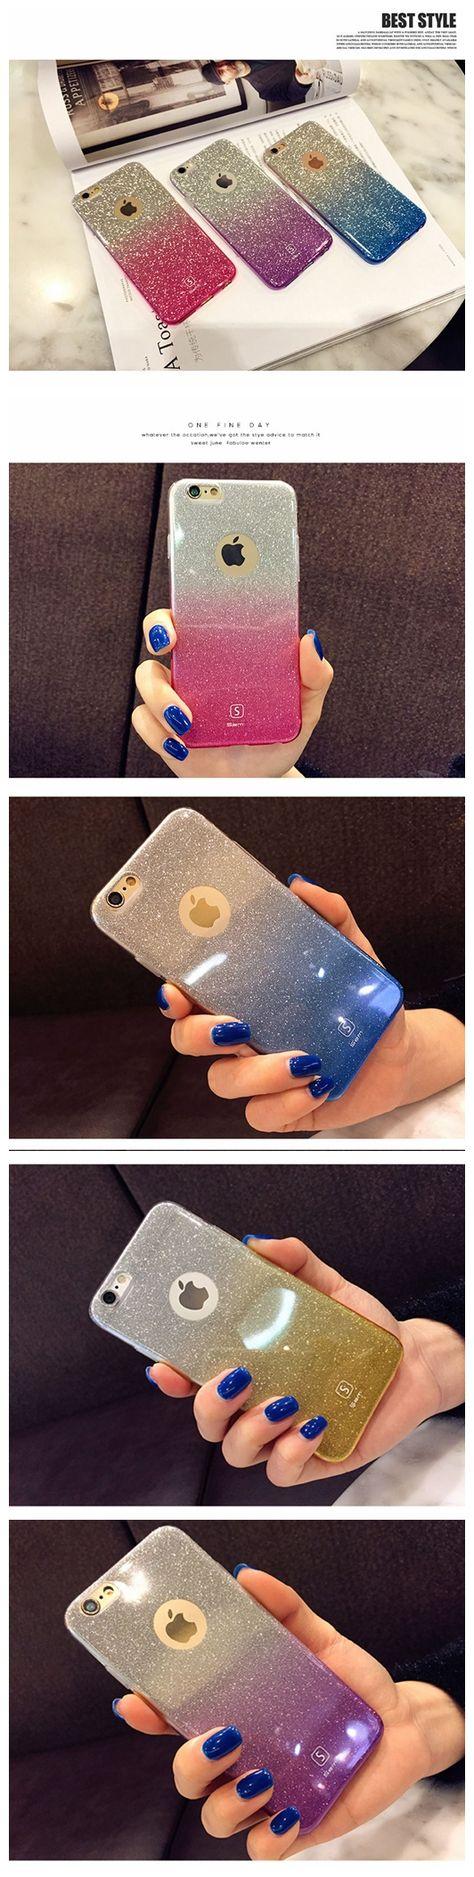 Best bling bling phone cases for girl - Wholecustom Summer Time Cases